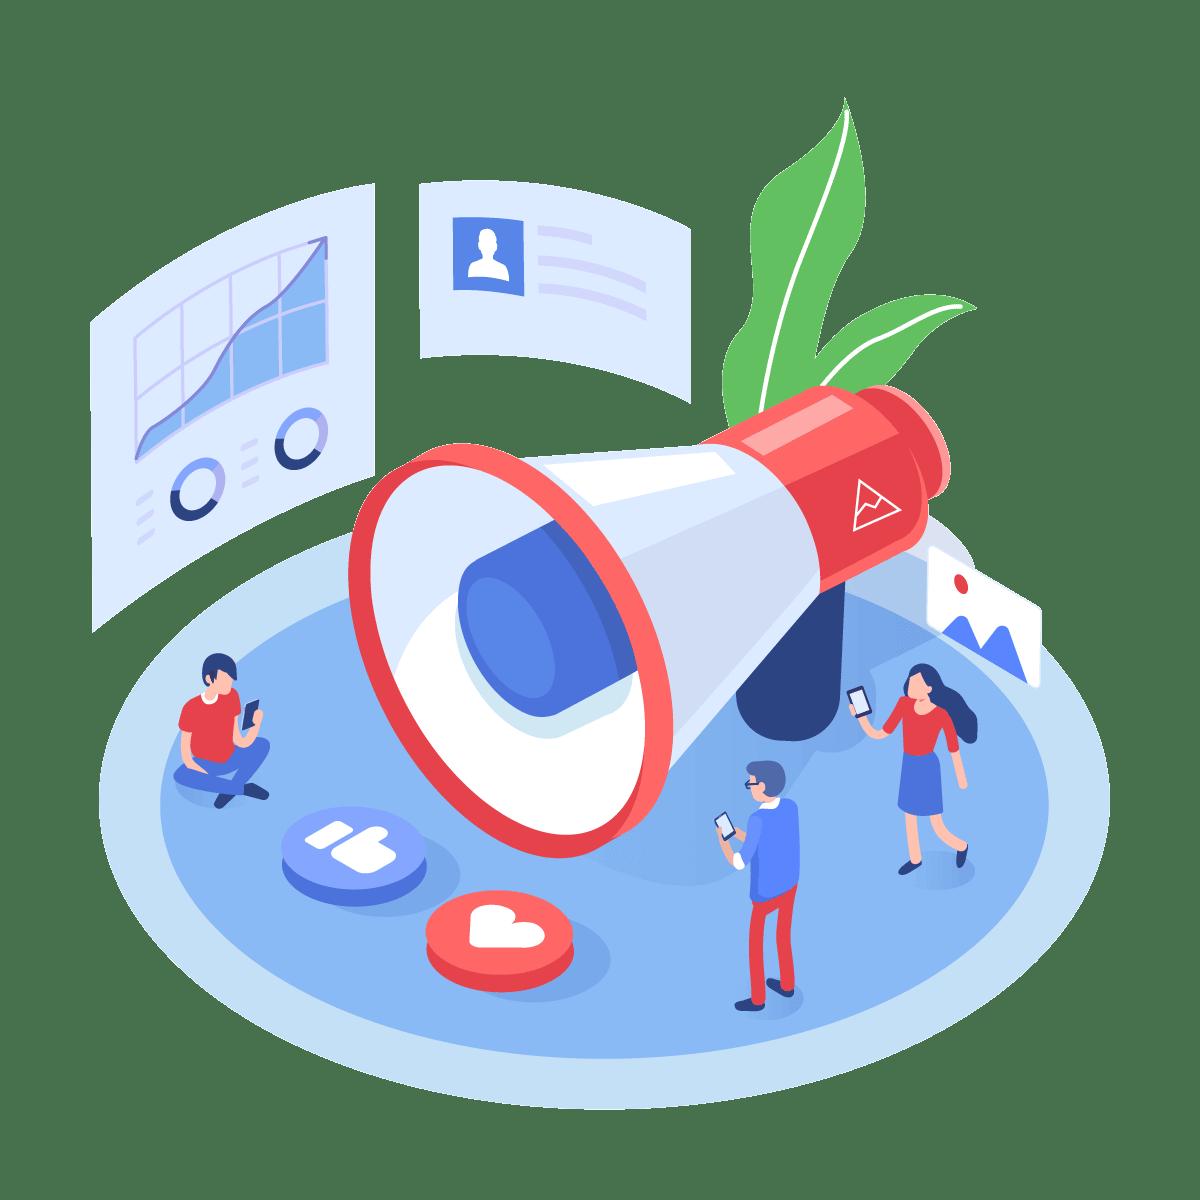 supro social media strategy illustration